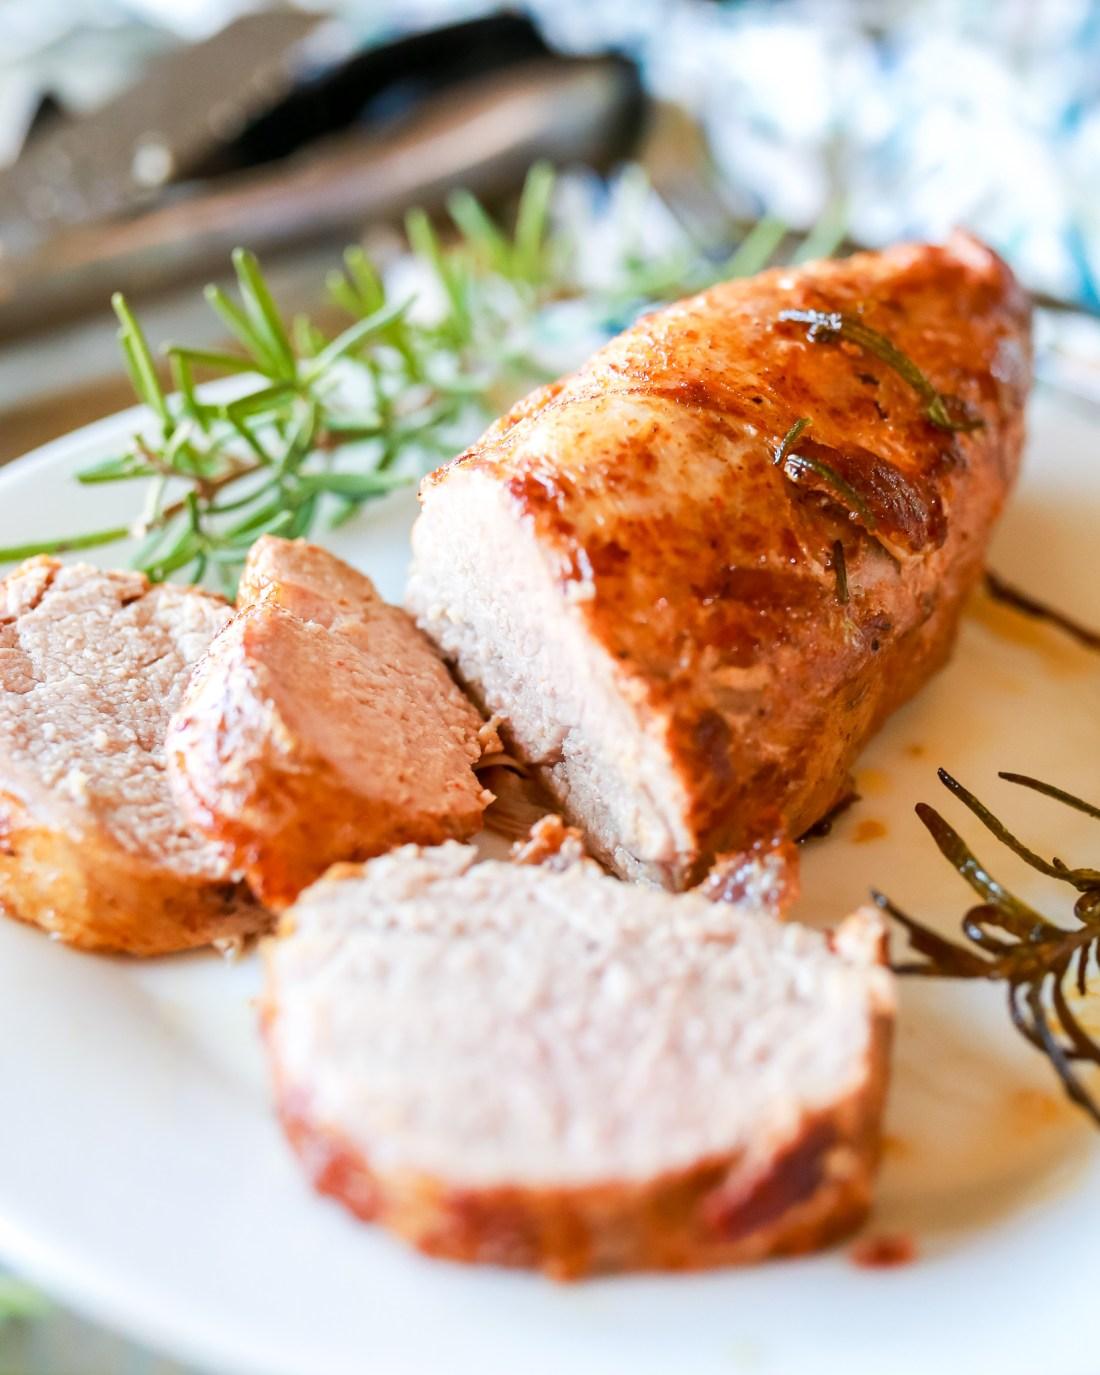 Recipe for lemon rosemary pork tenderloin